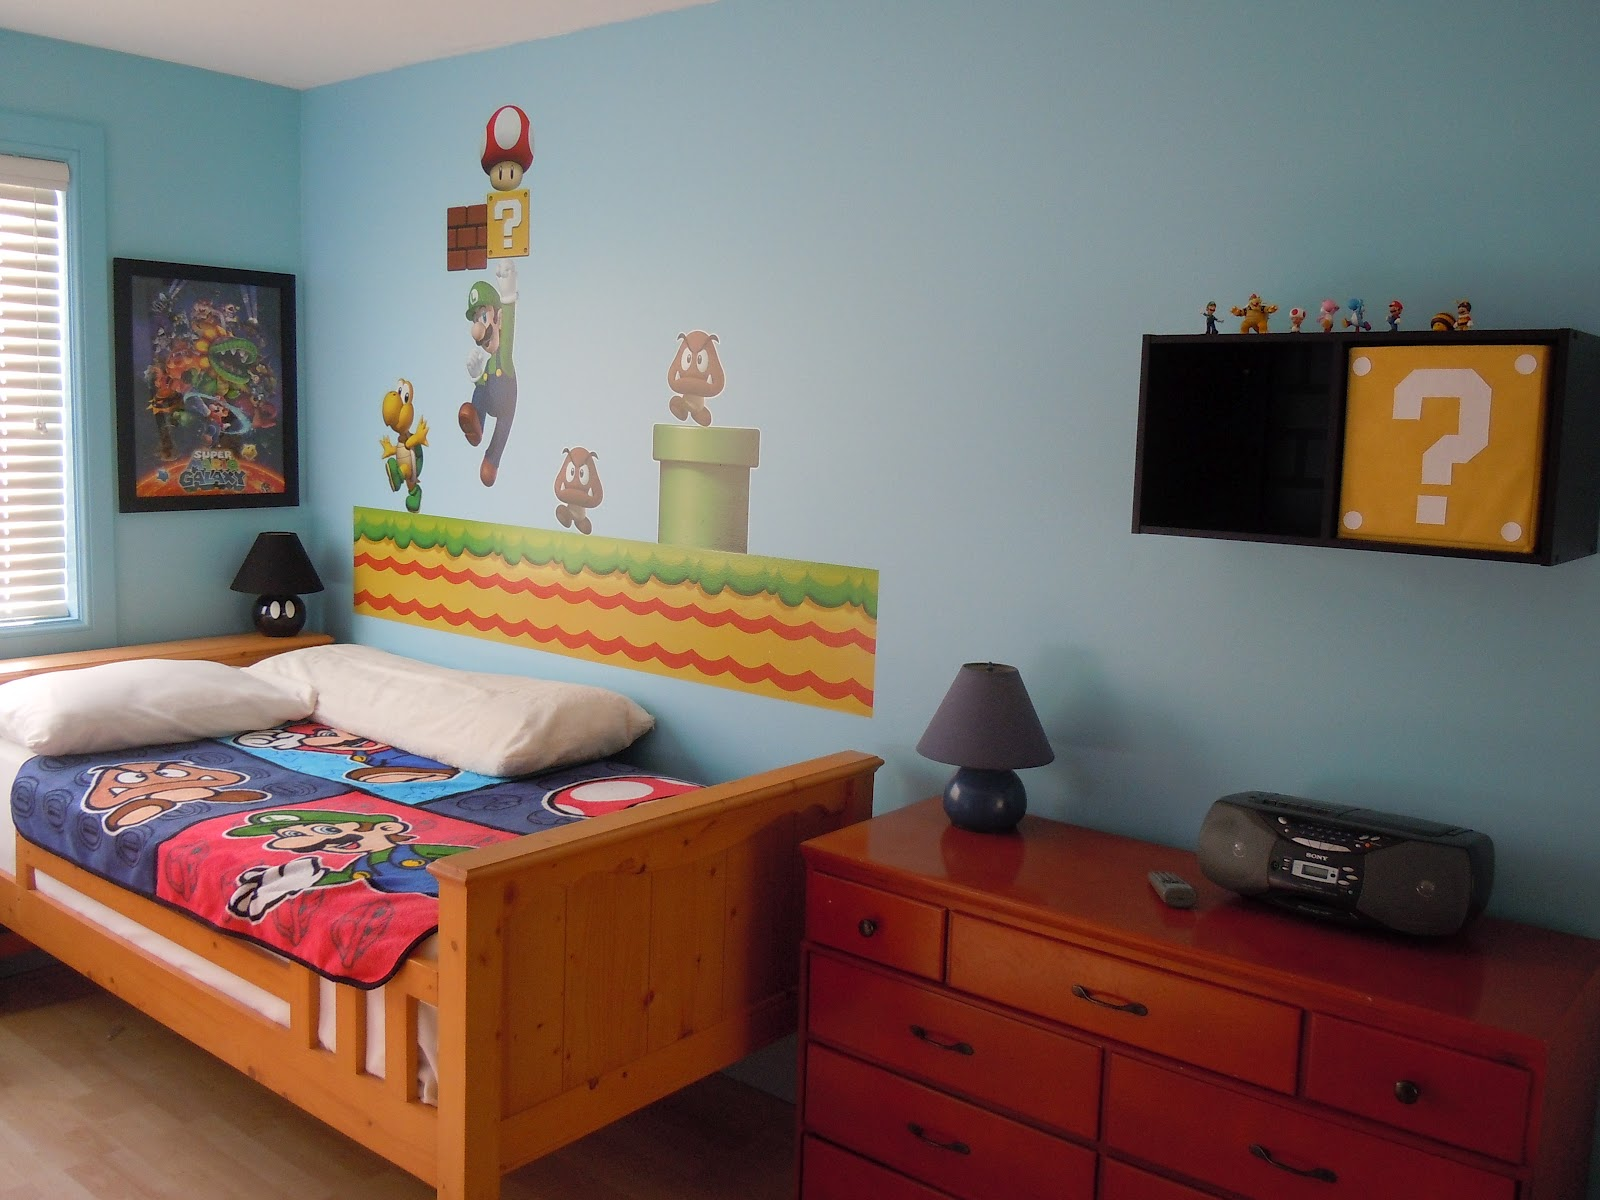 Mario Bedroom Decor Super Mario Bros Bedroom Decor